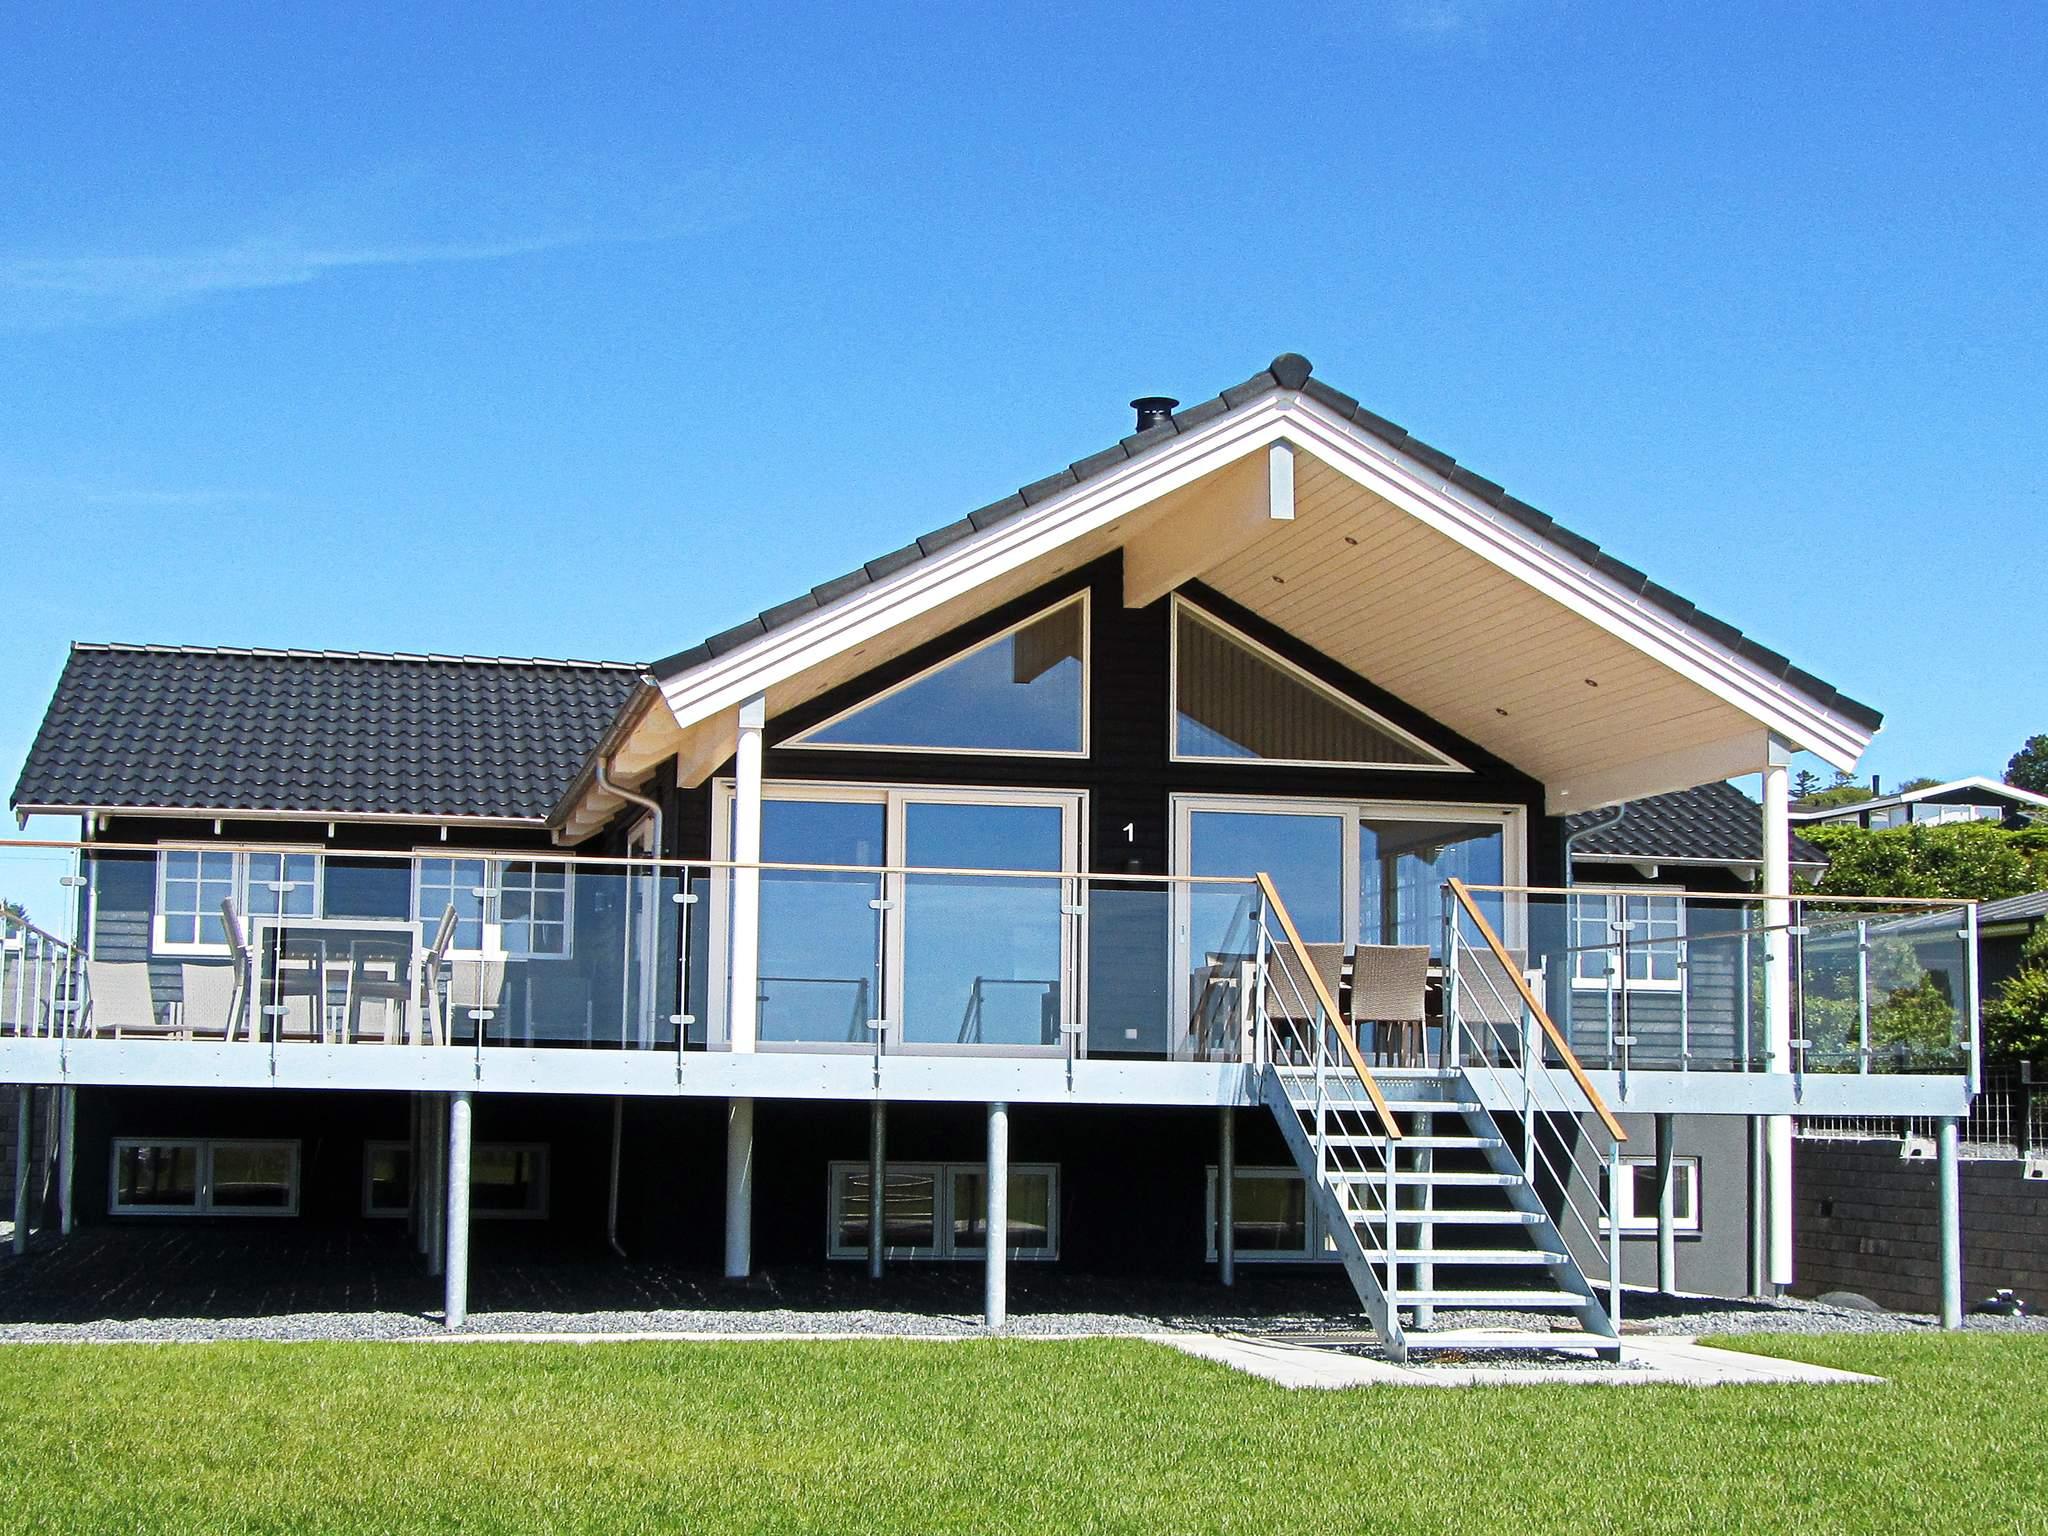 Ferienhaus Egsmark Strand (2005733), Egsmark, , Dänische Ostsee, Dänemark, Bild 1